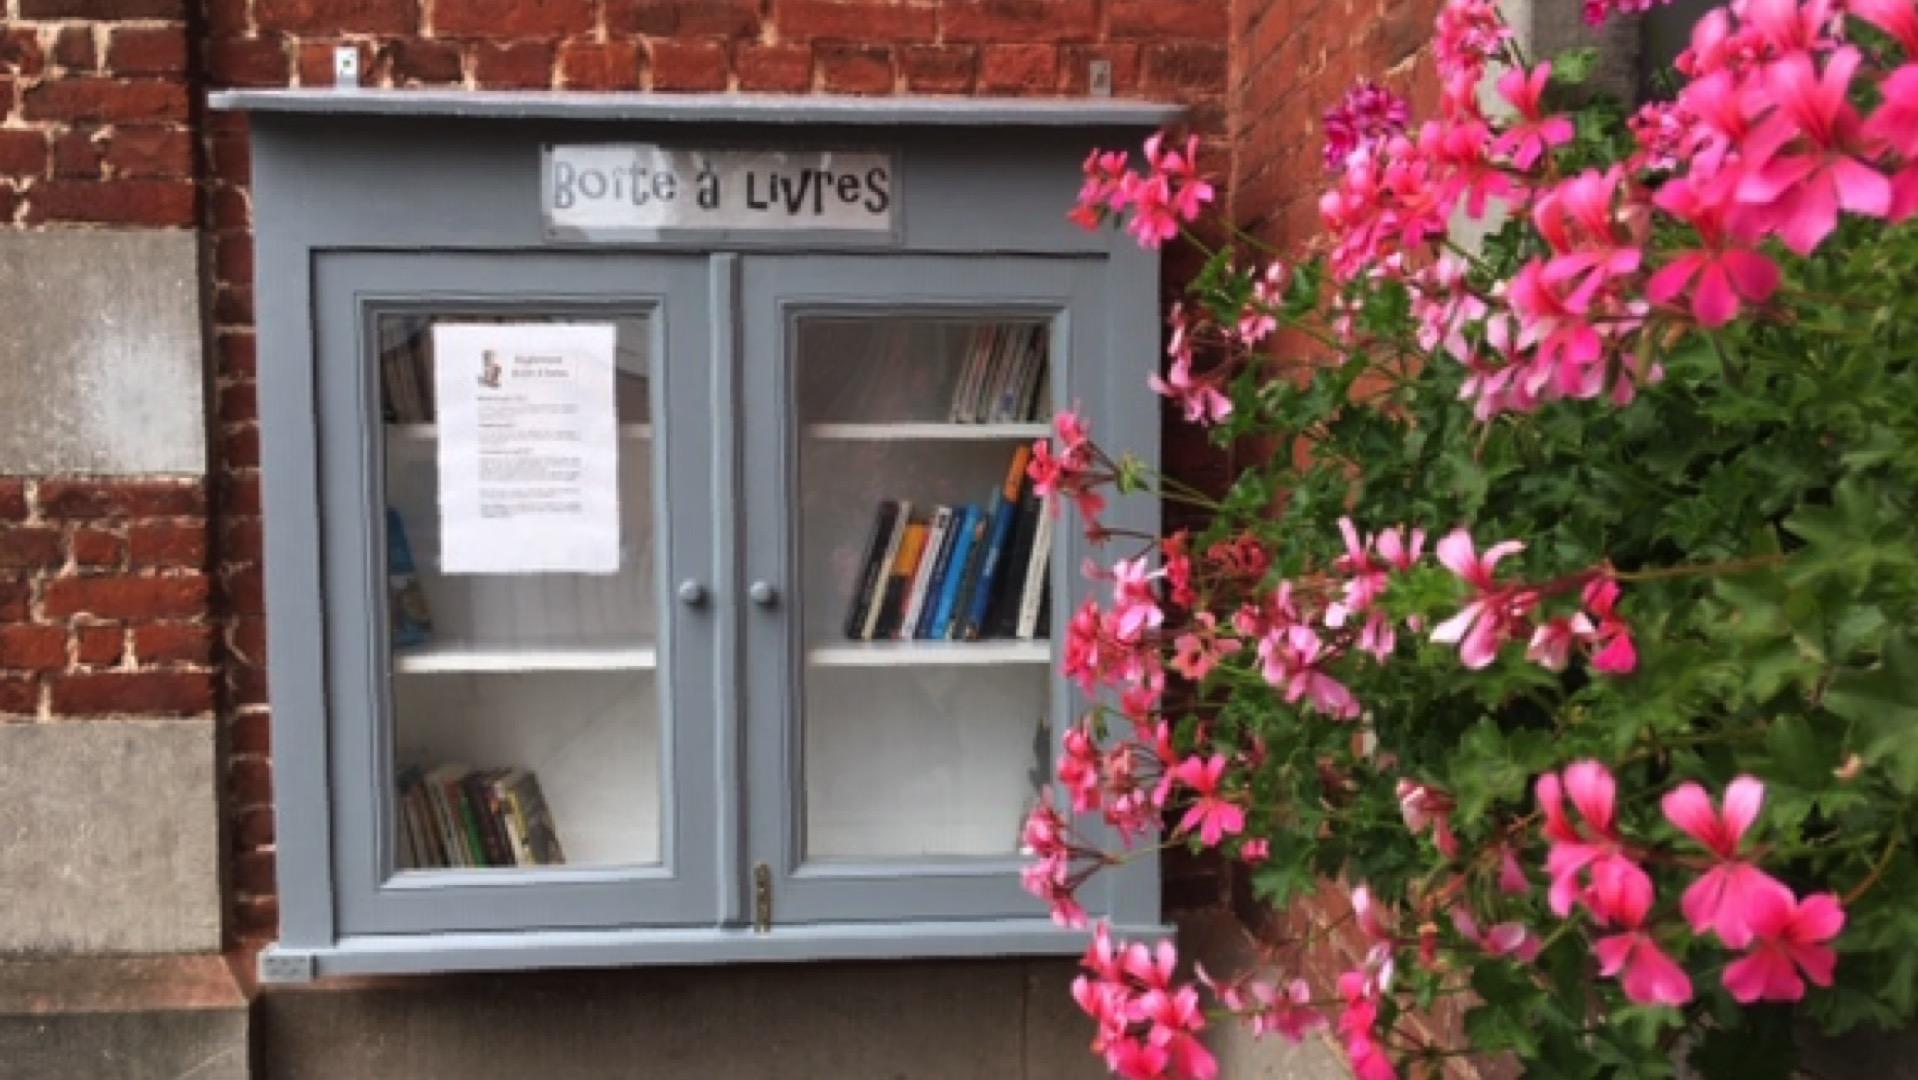 Boîte à livres- Ville-Pommeroeul